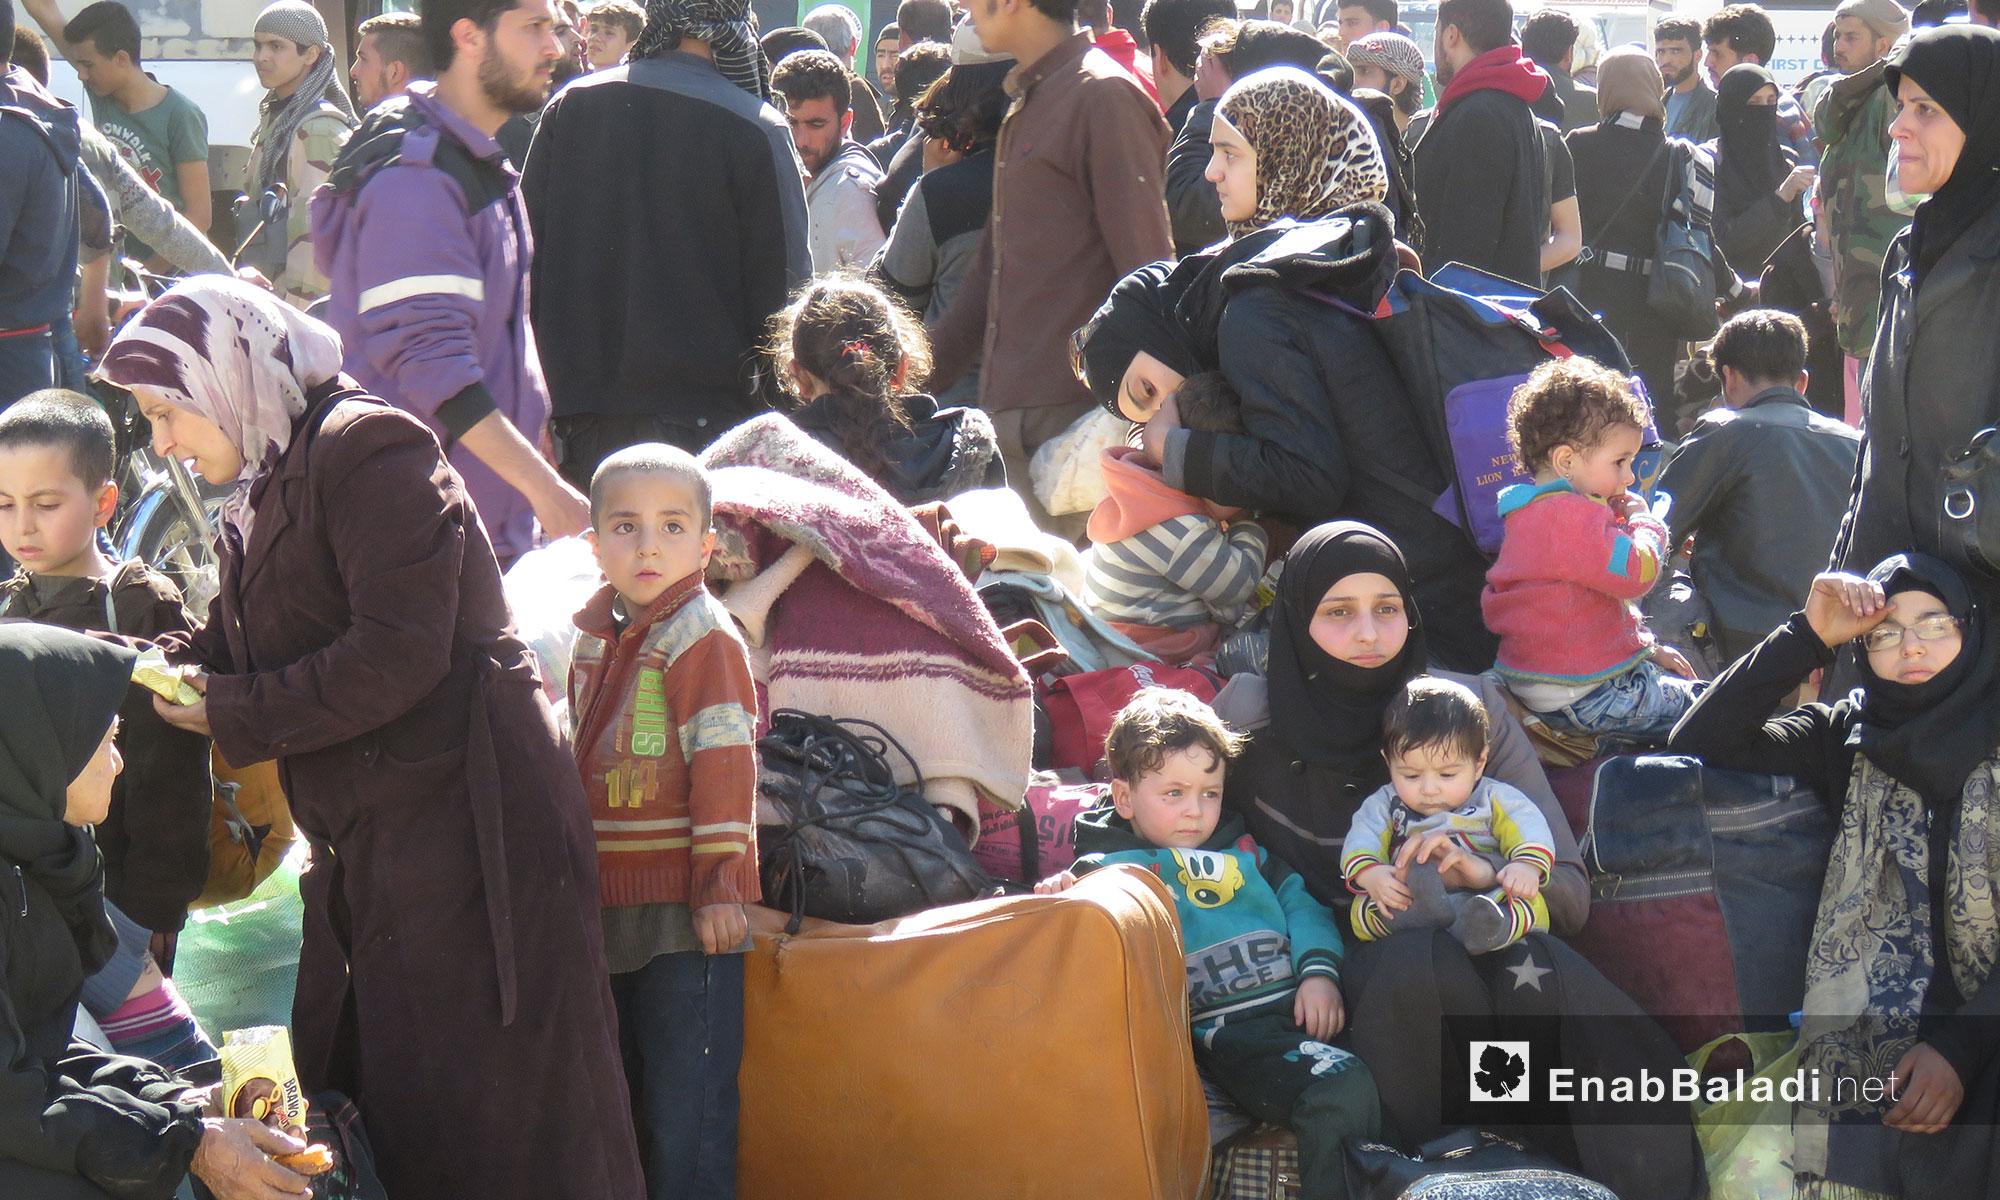 مهجرو عربين لحظة وصولهم إلى قلعة المضيق بريف حماة - 26 آذار 2018 (عنب بلدي)